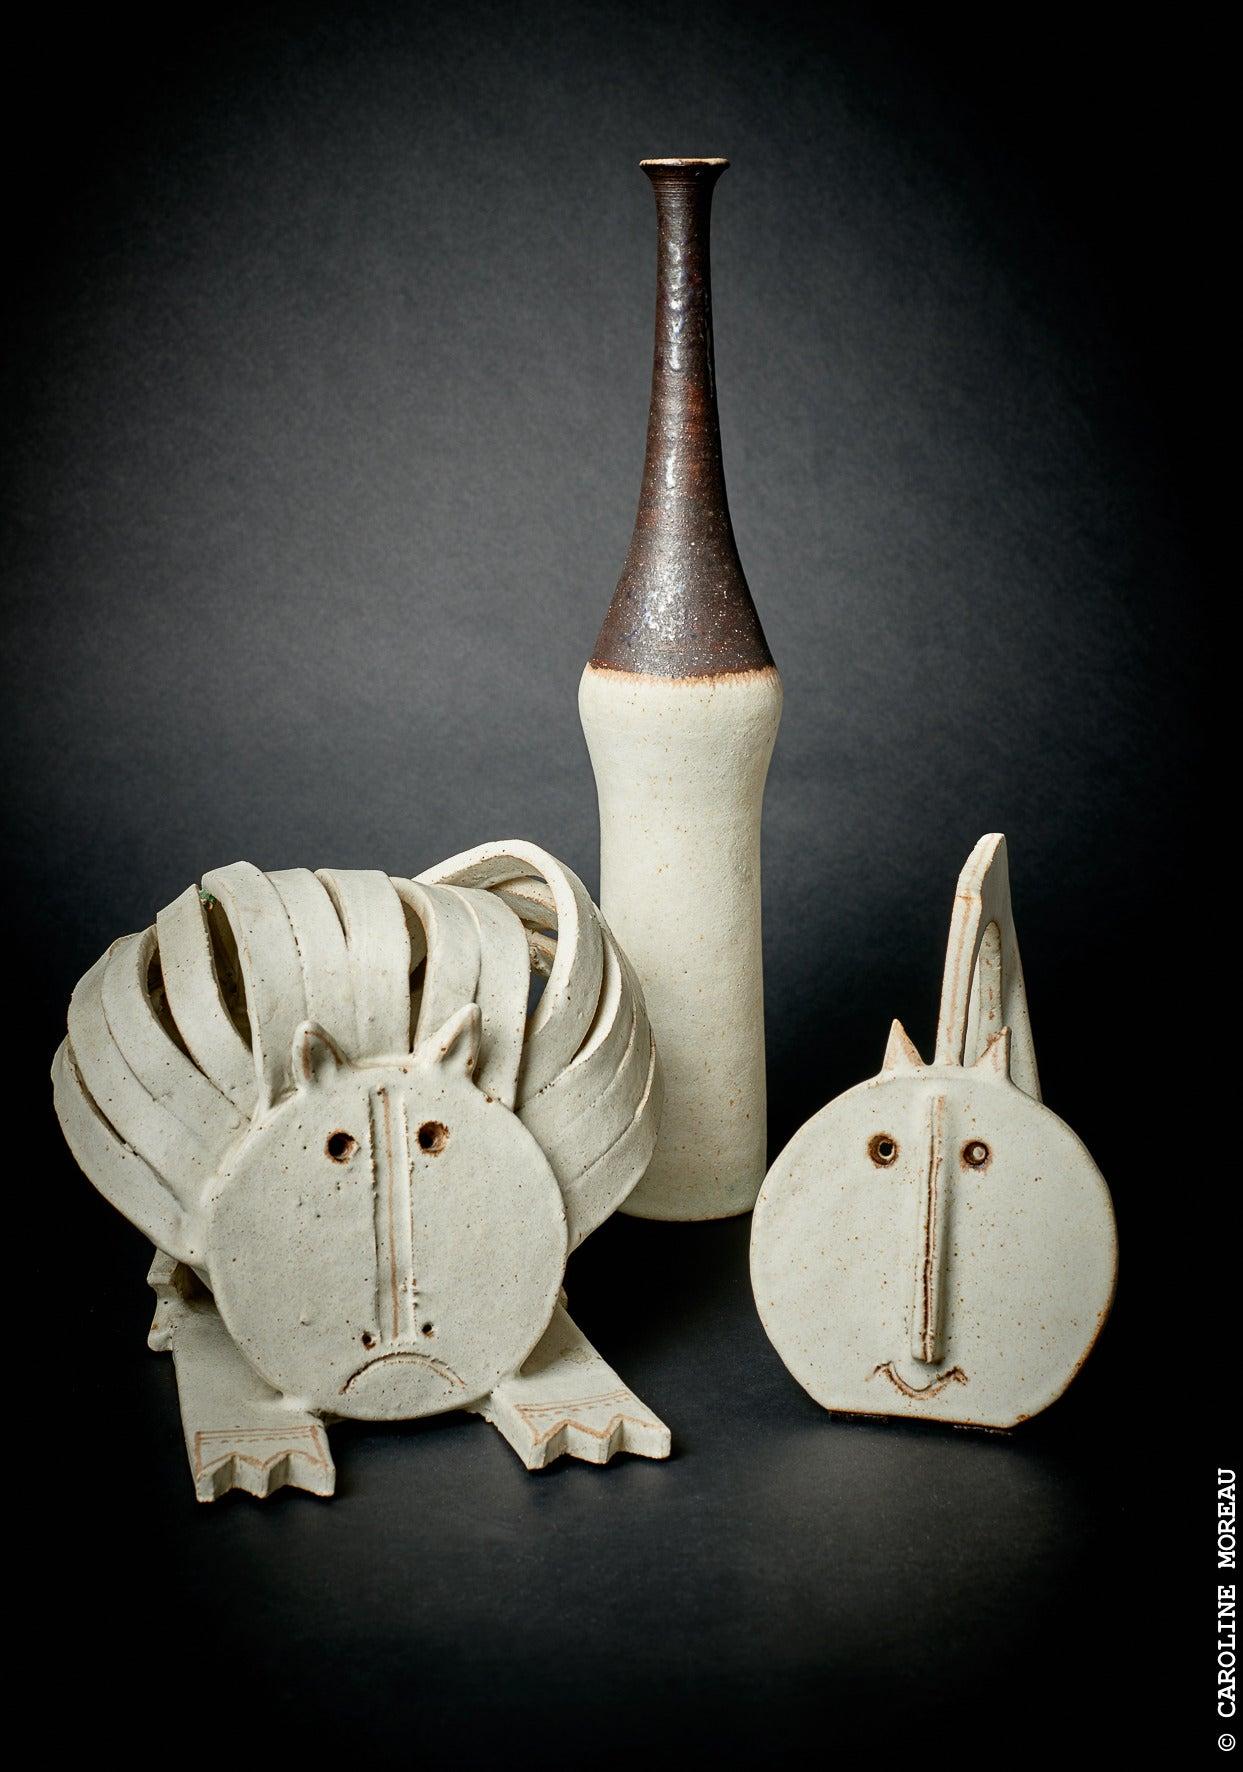 Cat Ceramic Sculpture by Bruno Gambone 1970's 5